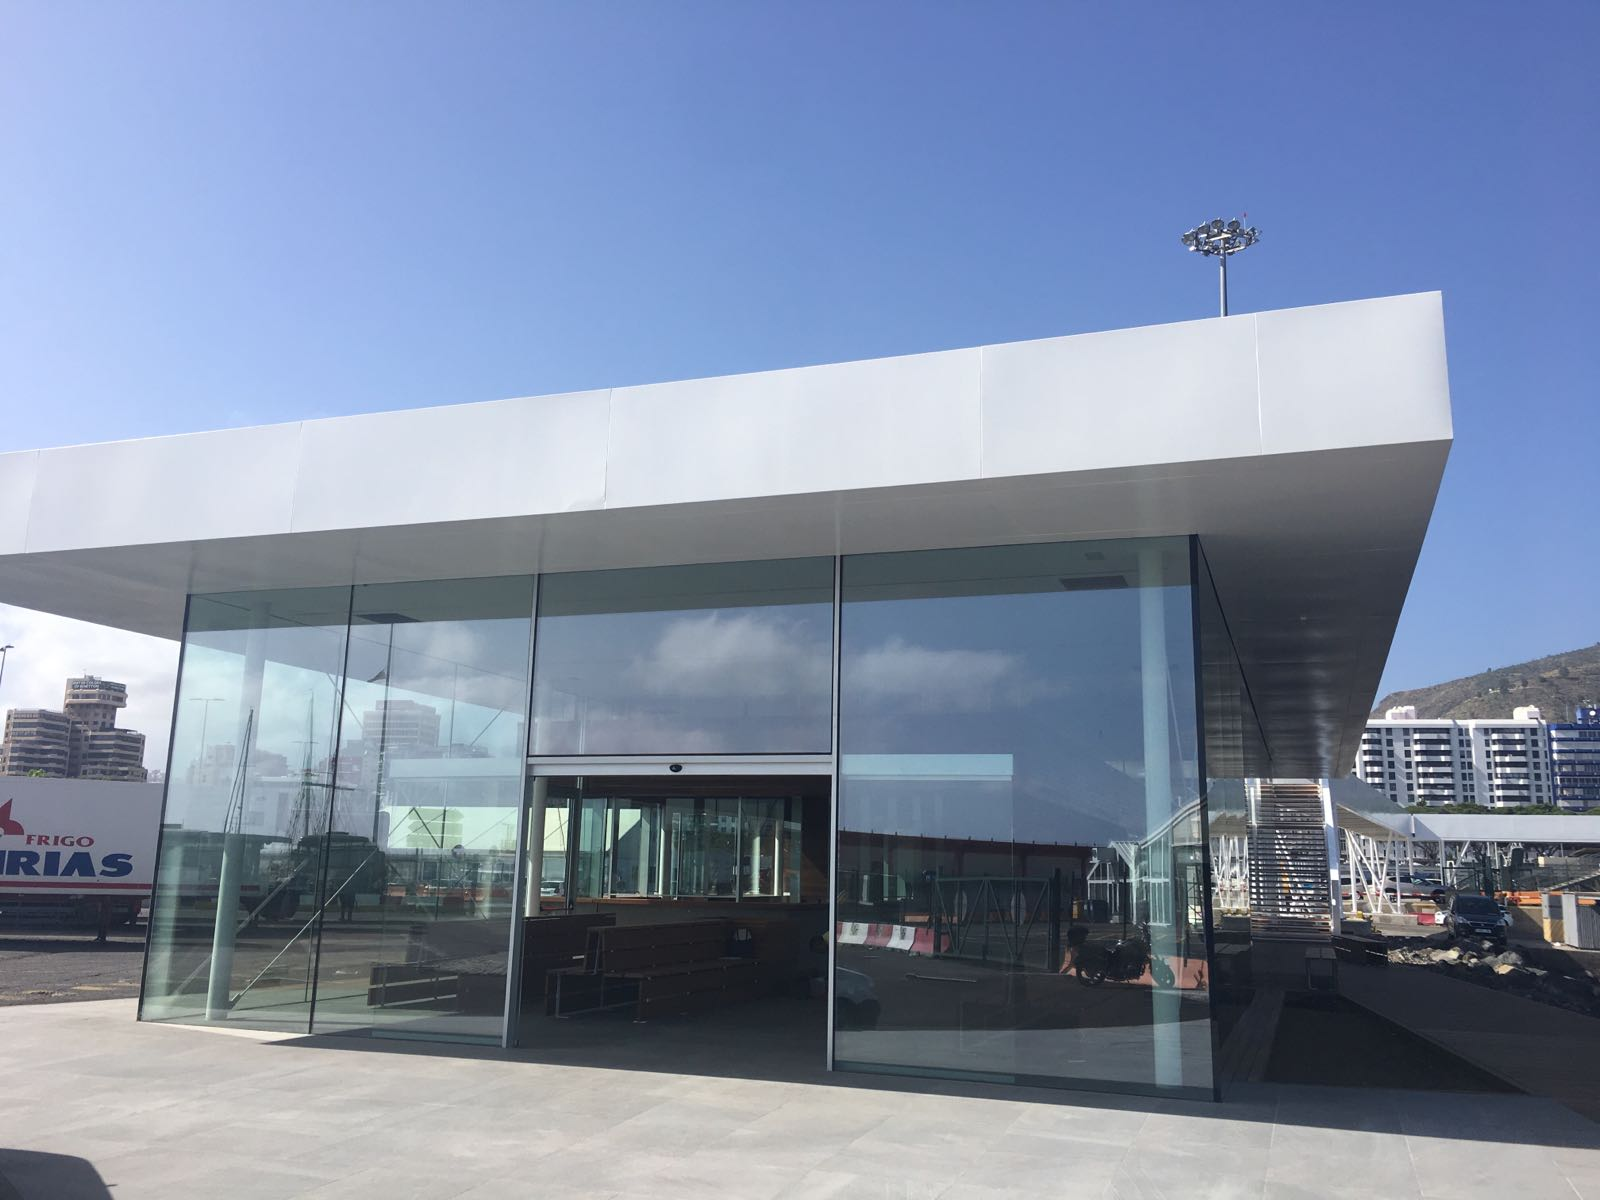 Navieraarmasblog naviera armas inaugura nueva terminal en for Oficina de armas las palmas